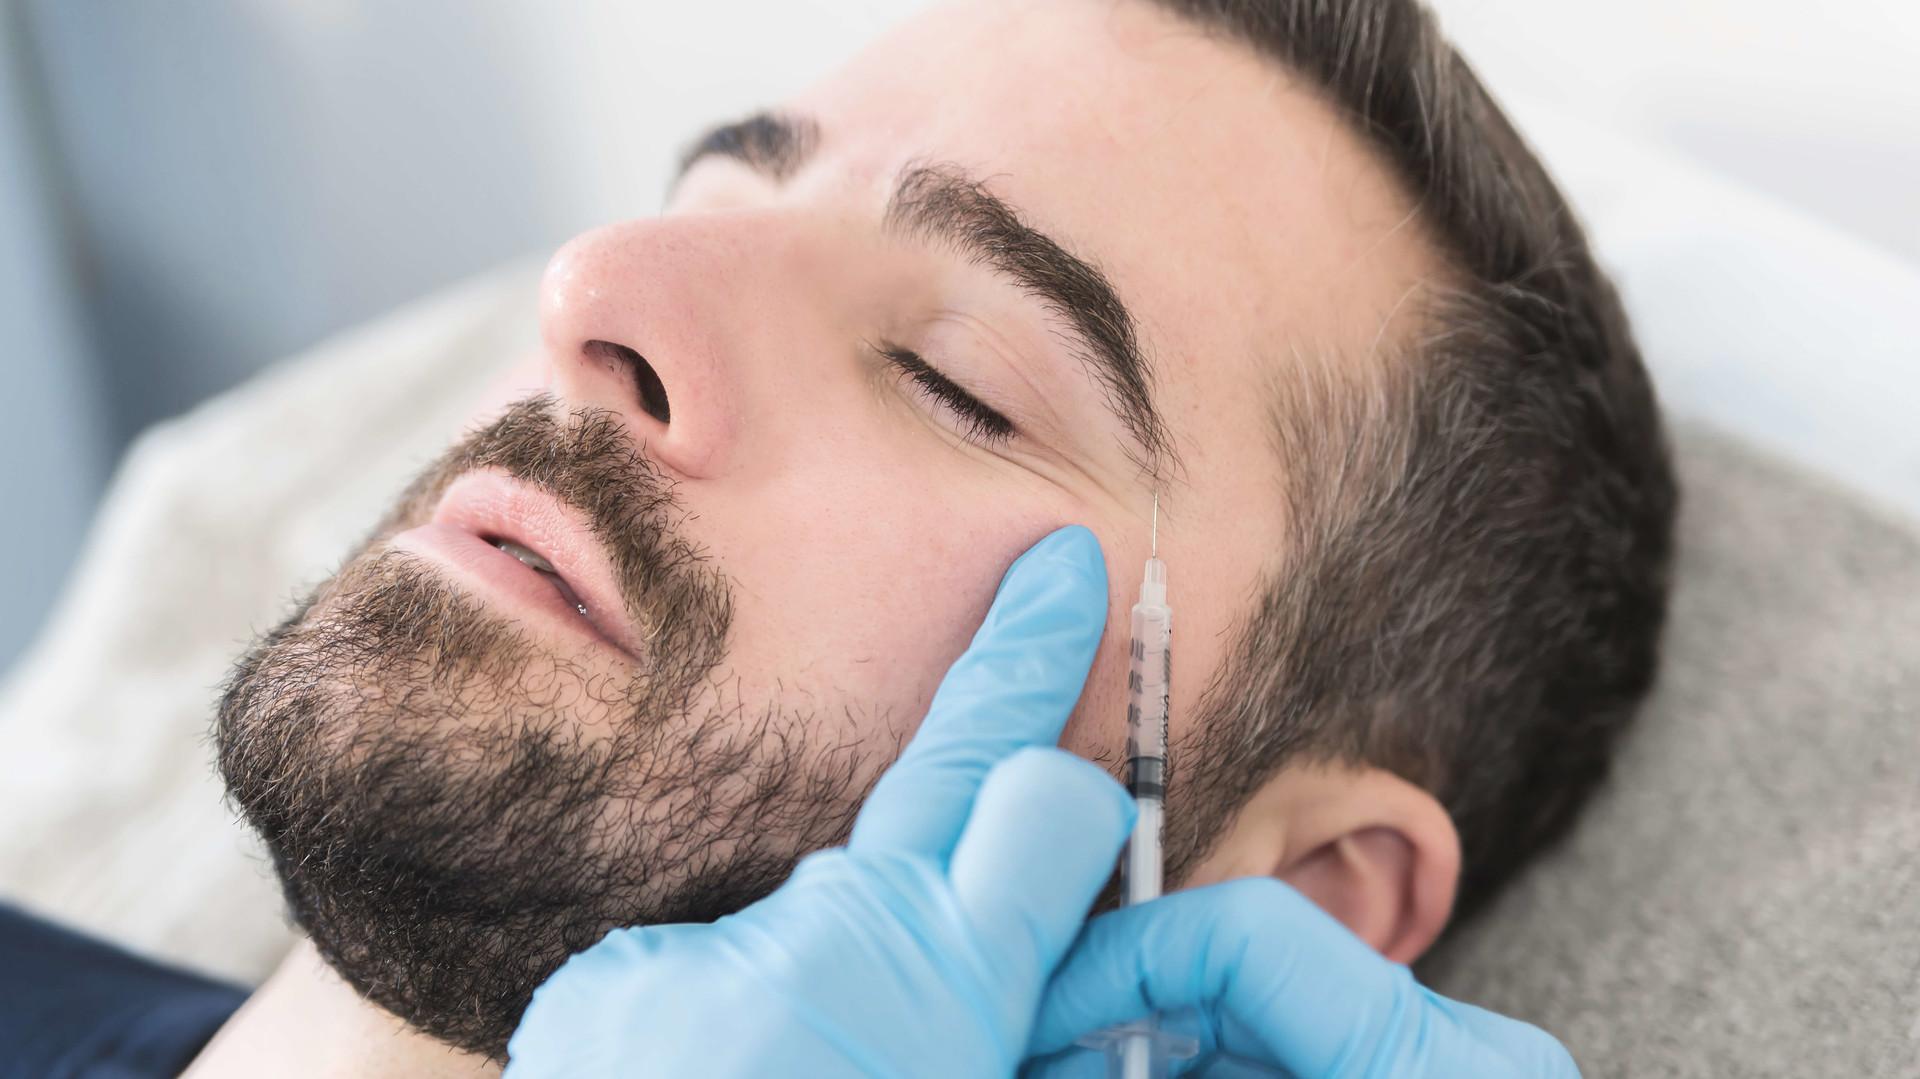 Faltenbehandlung mit Botox